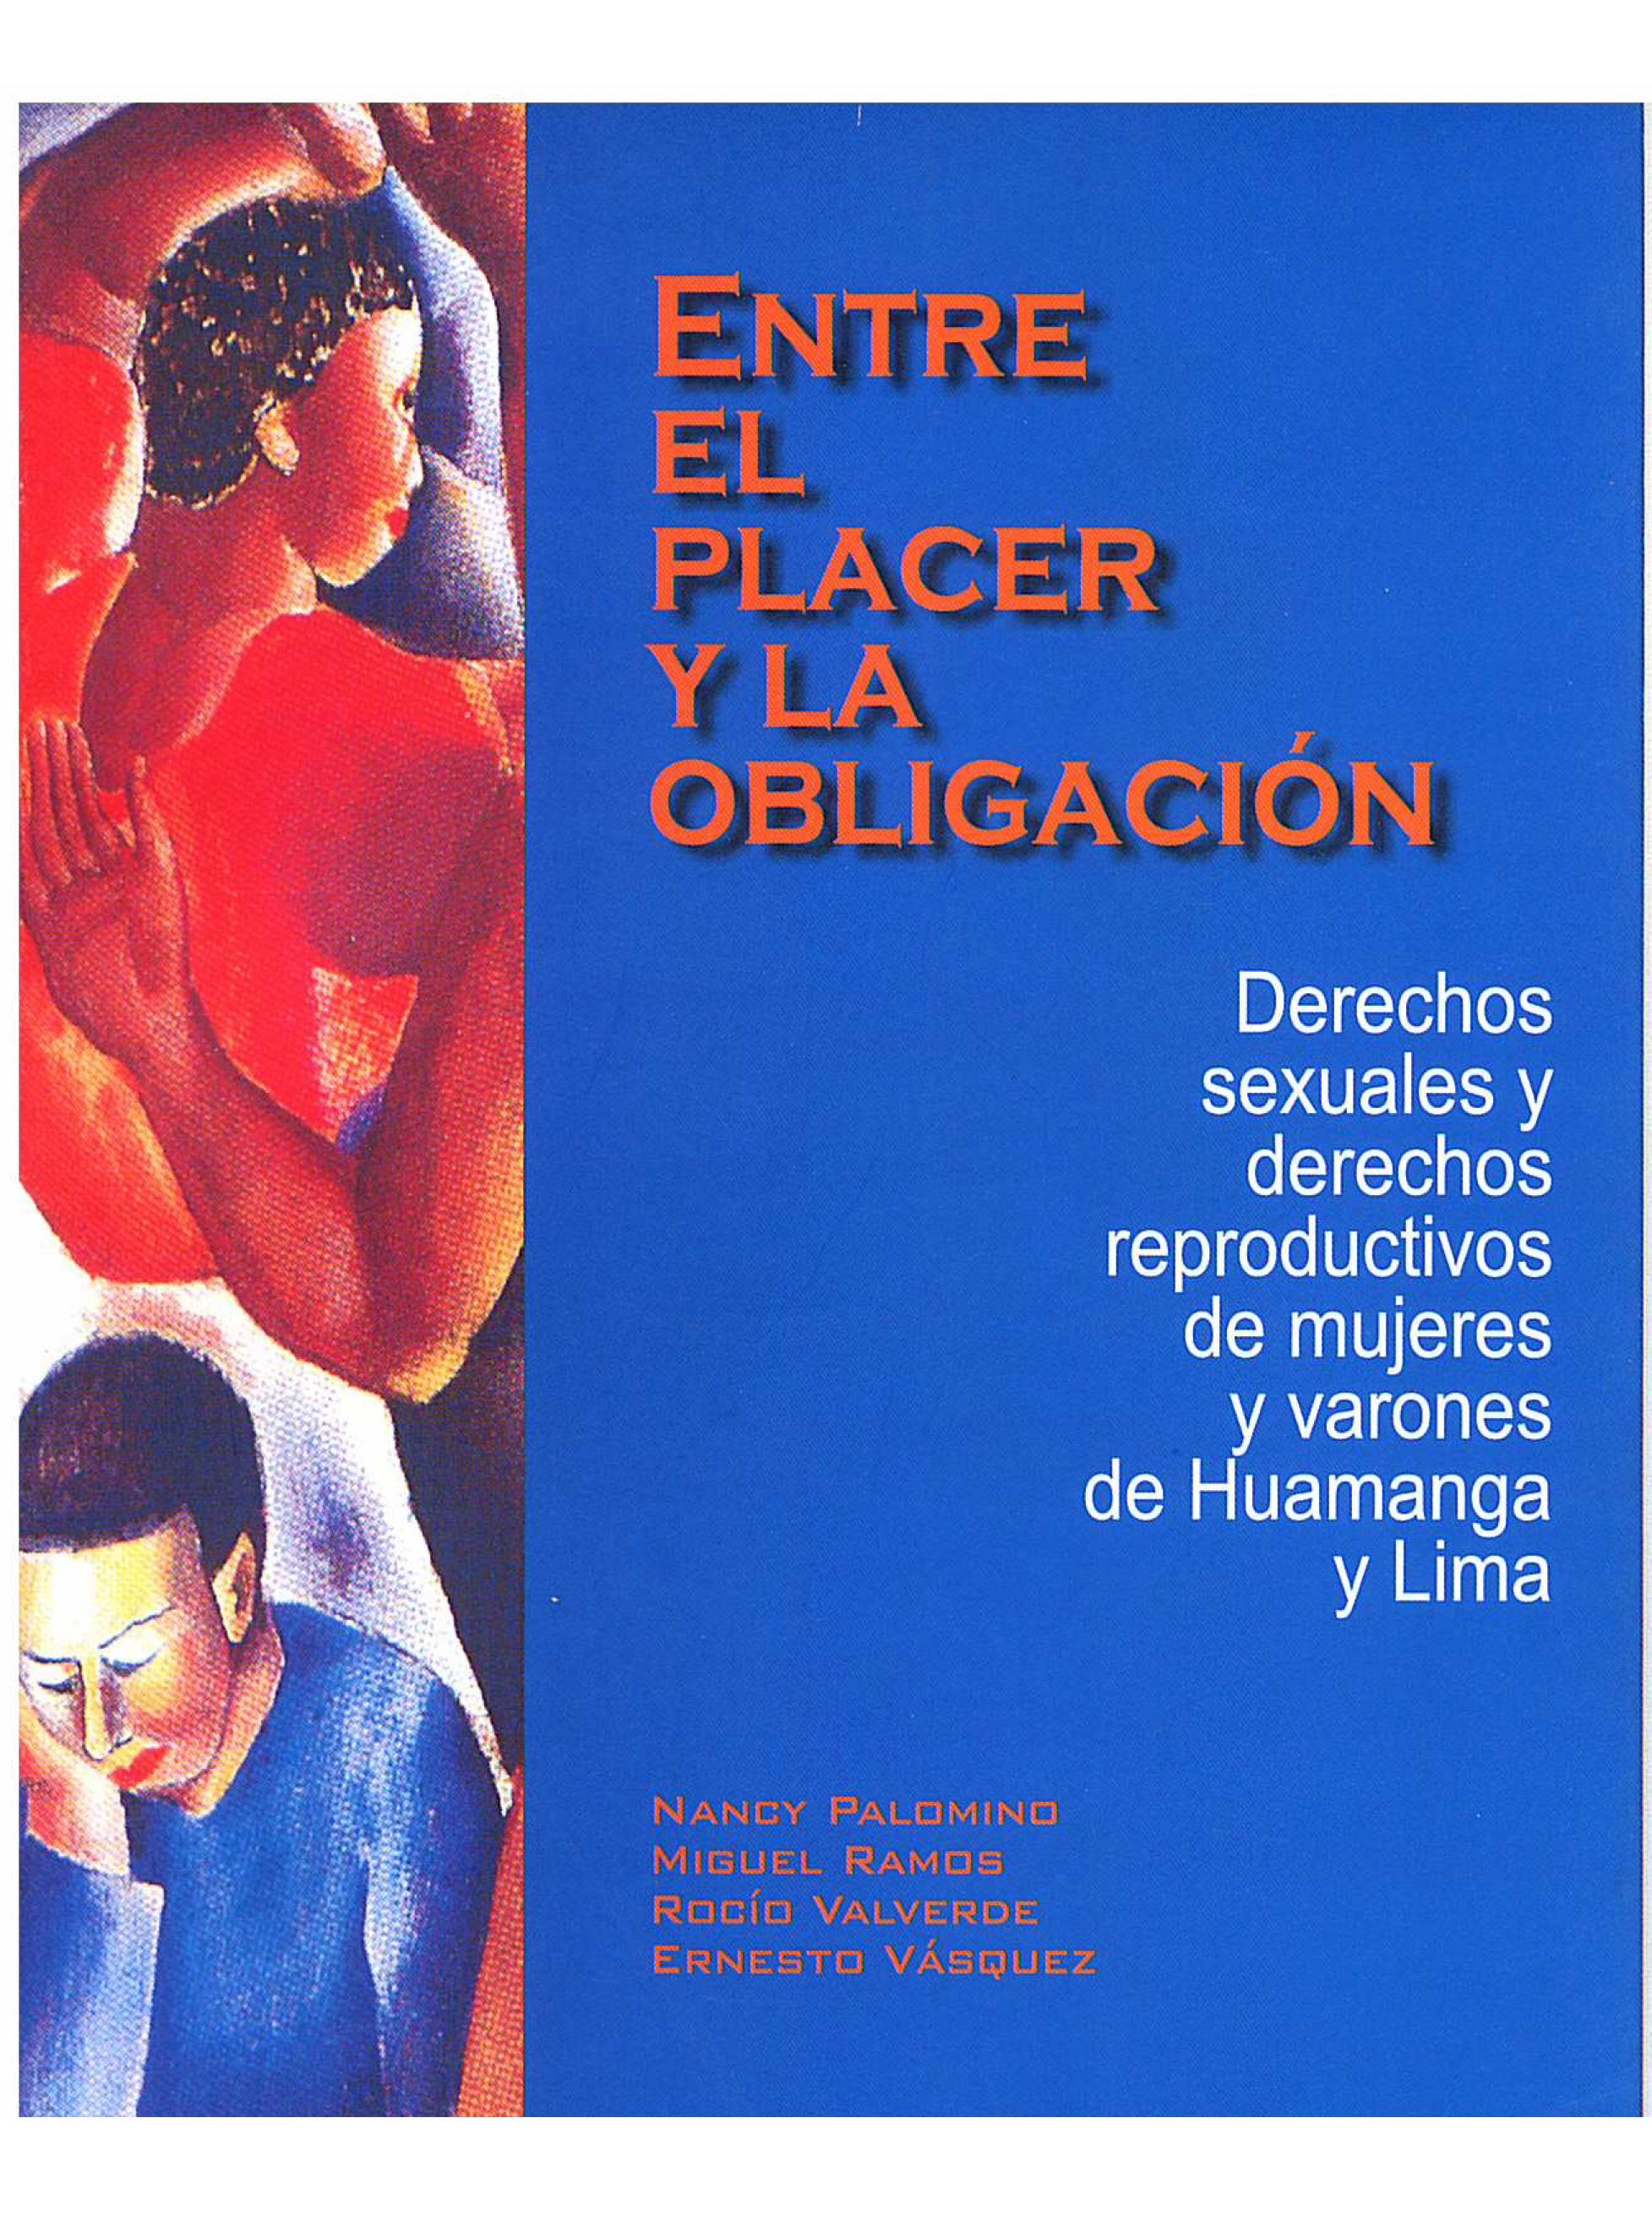 Entre el placer y la obligación. Derechos  sexuales y derechos reproductivos de mujeres y varones en Huamanga y Lima.